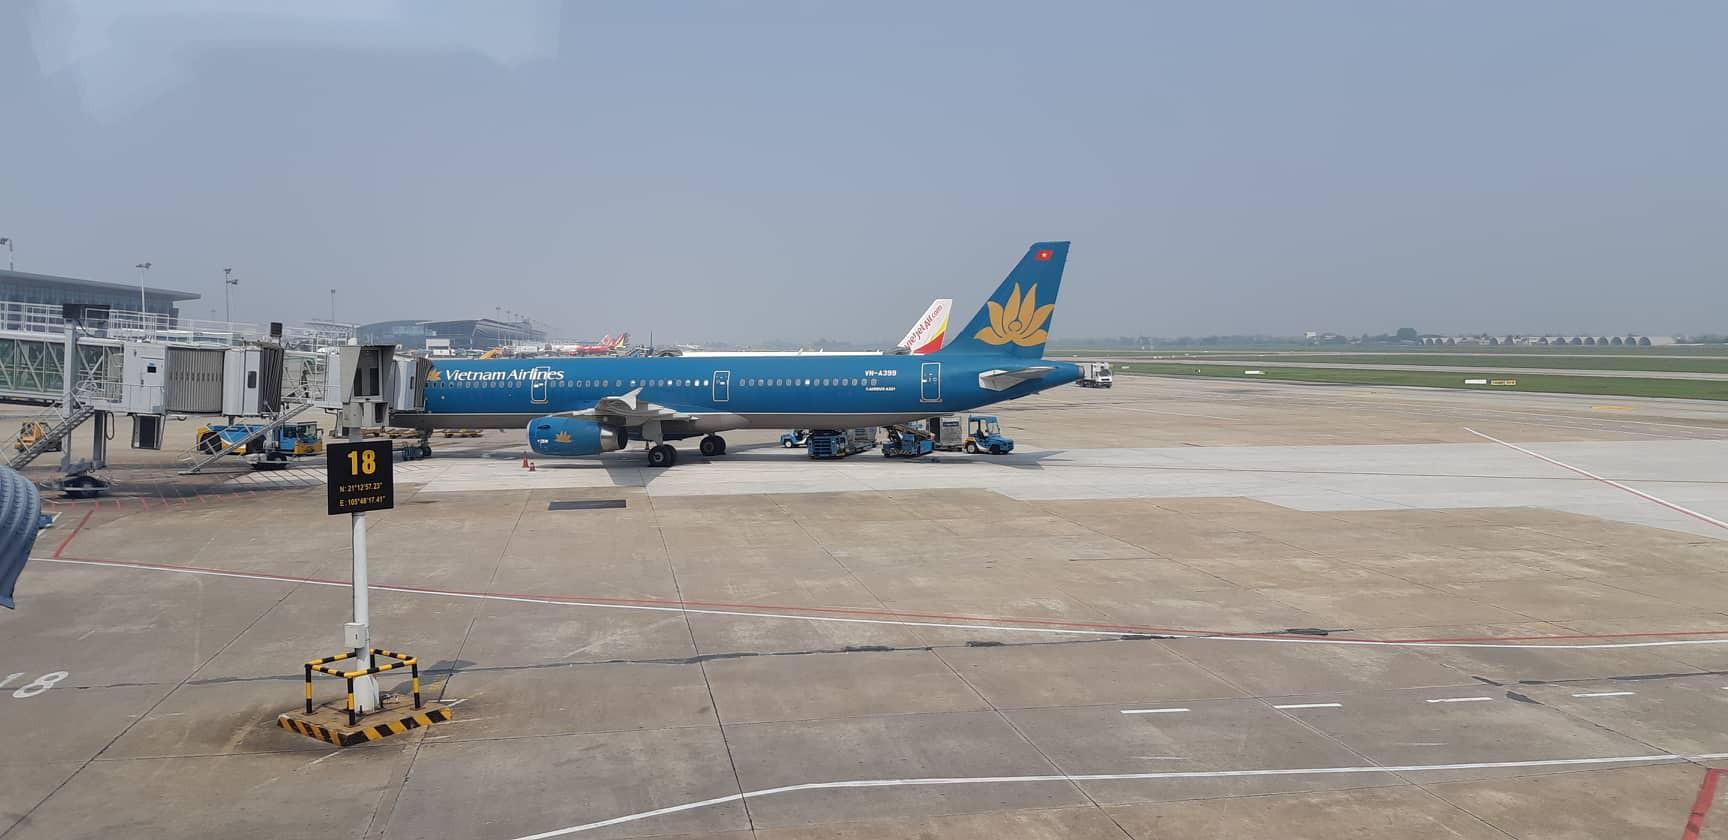 Đường băng Nội Bài - Tân Sơn Nhất sửa chữa theo hình thức giao thầu - Ảnh 1.